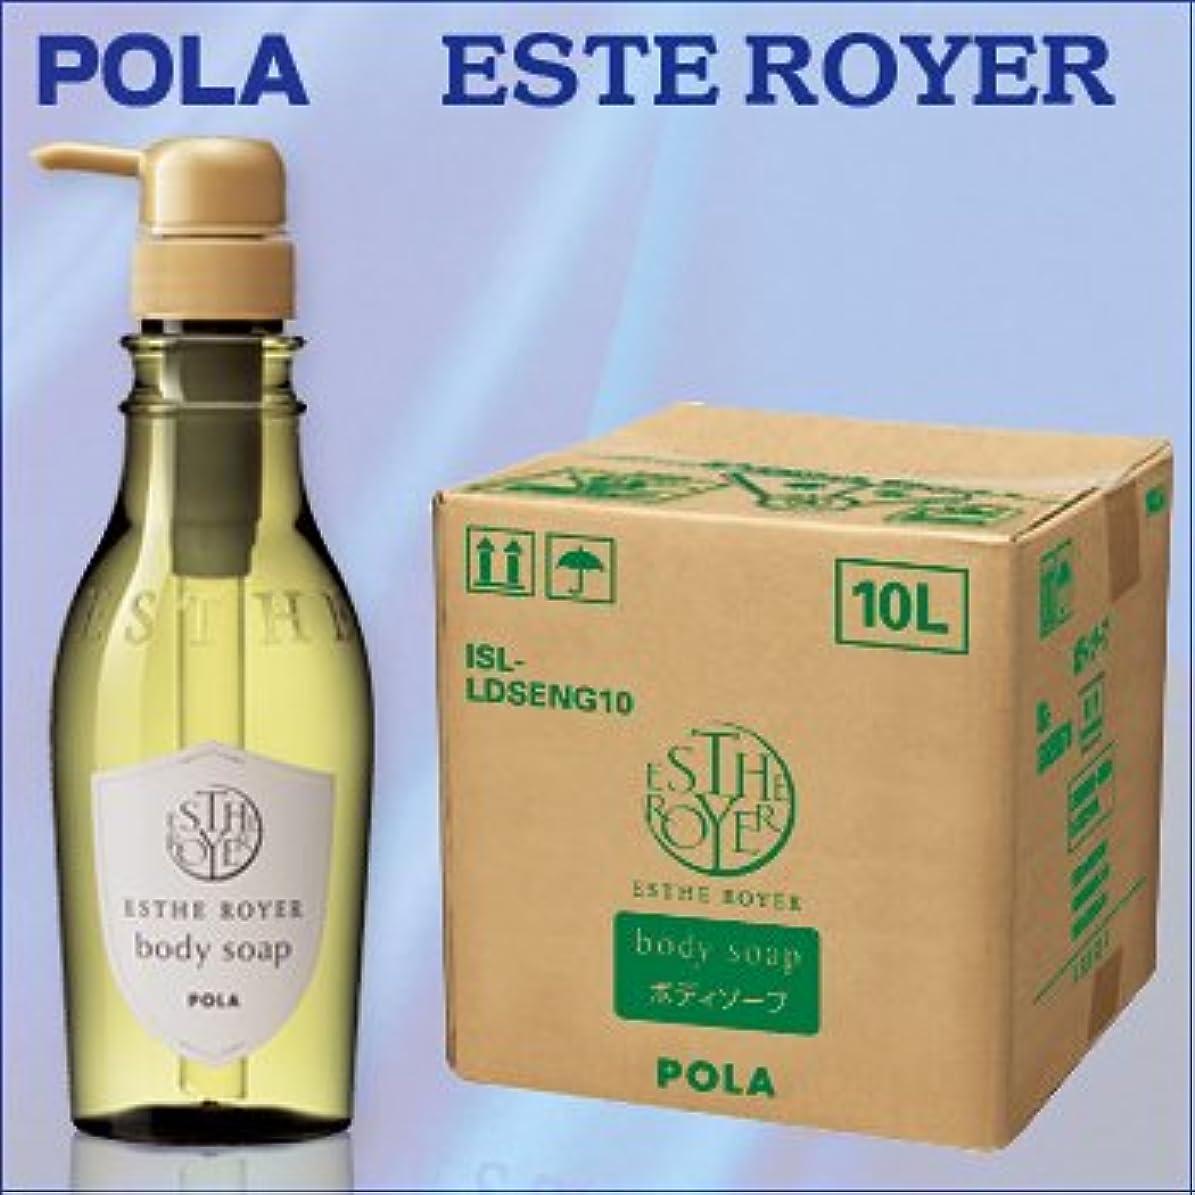 ボット汚染された十分なPOLA エステロワイエ 業務用ボディソープ 10L (1セット10L入)